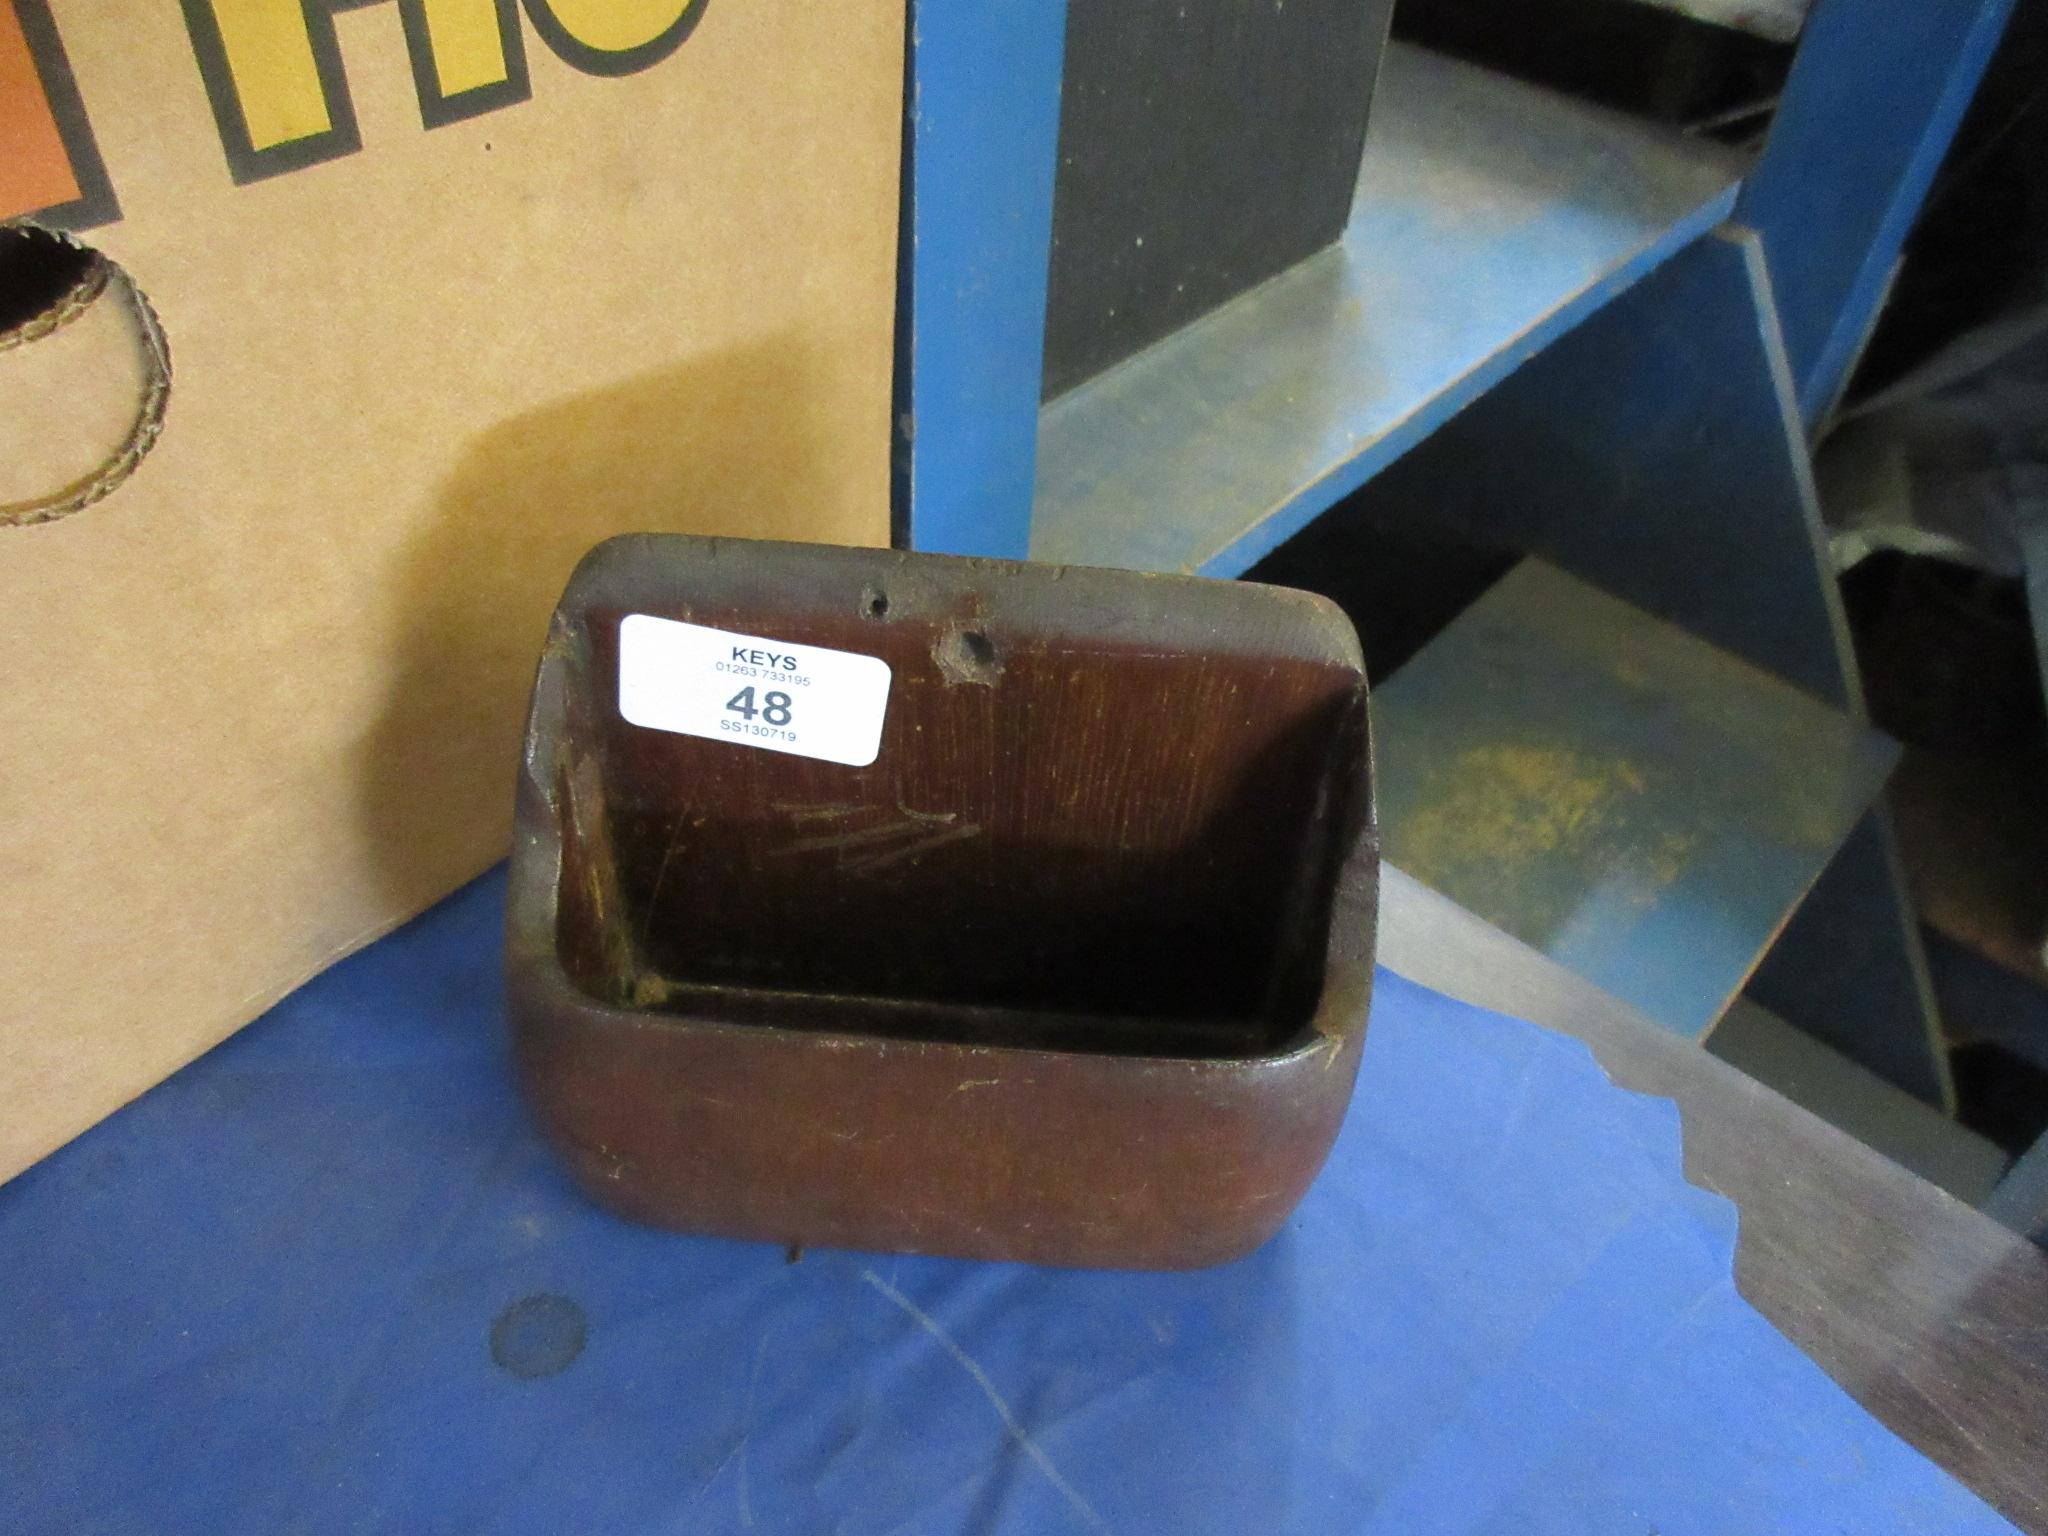 A carved wooden letter holder or candle pocket